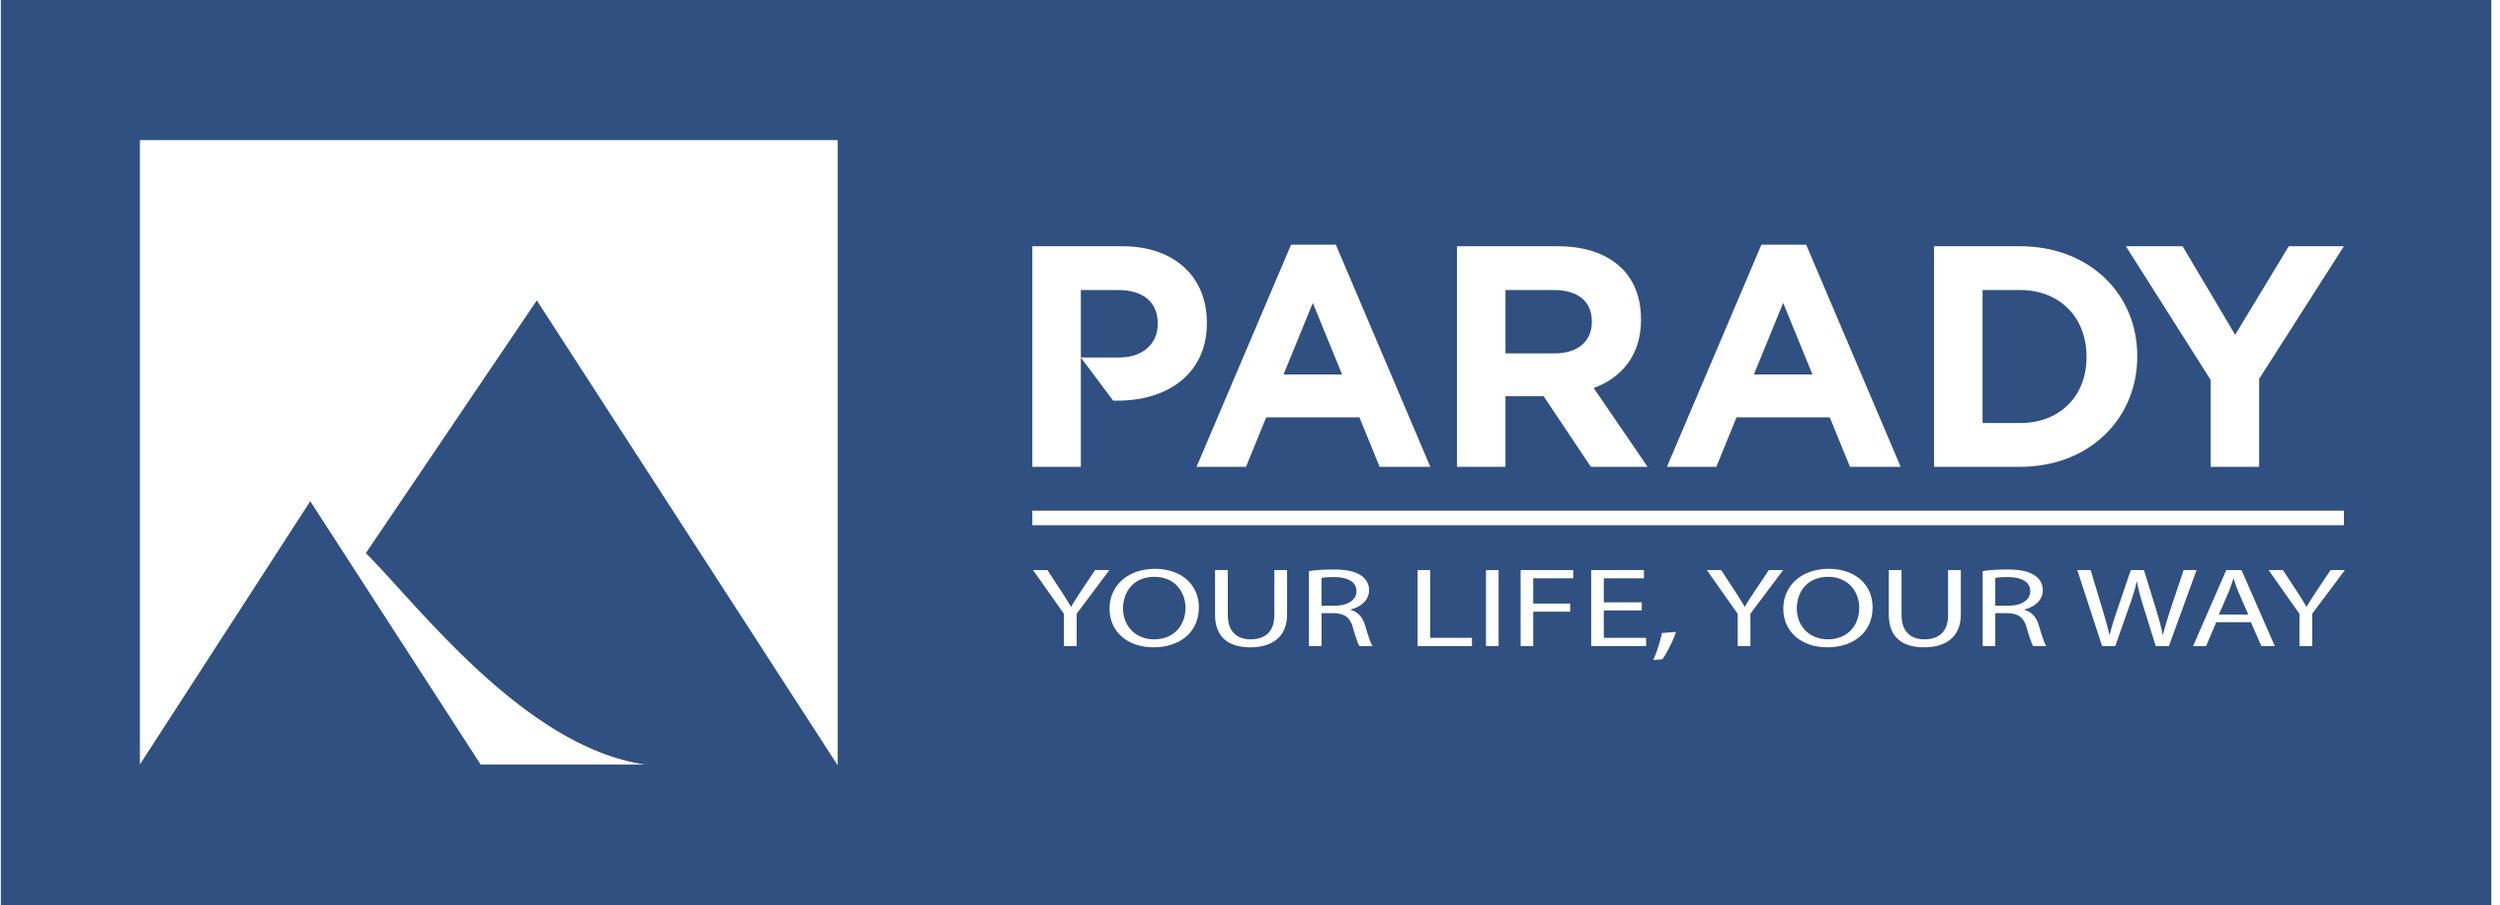 Parady Financial